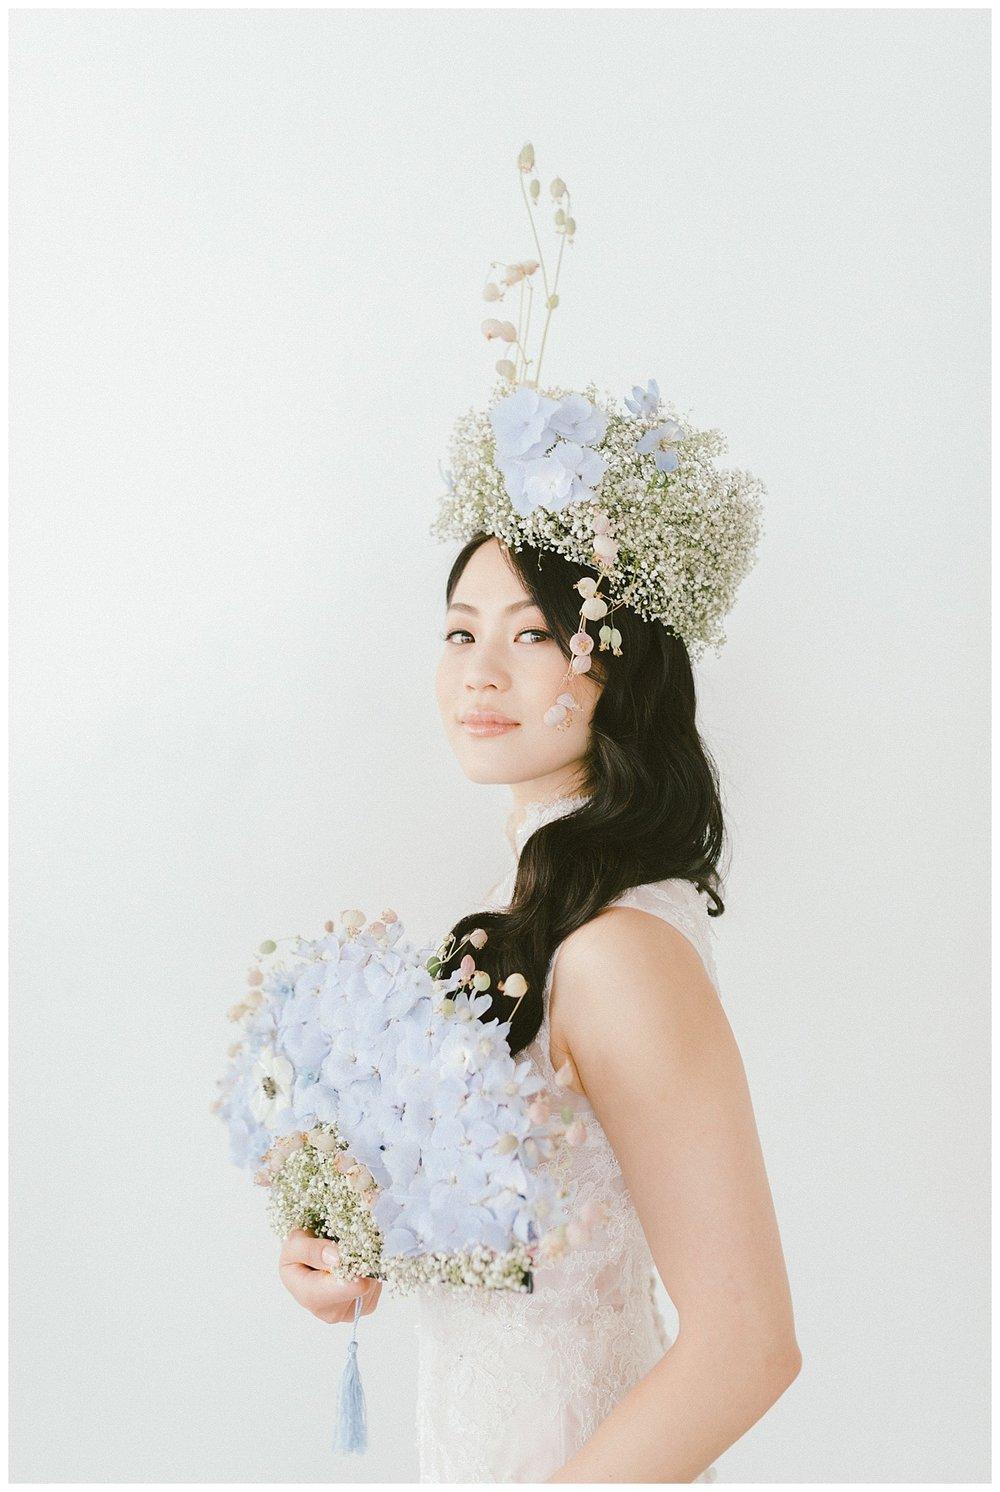 Hong Kong Fine Art Wedding Prewedding Photographer 00025.jpg